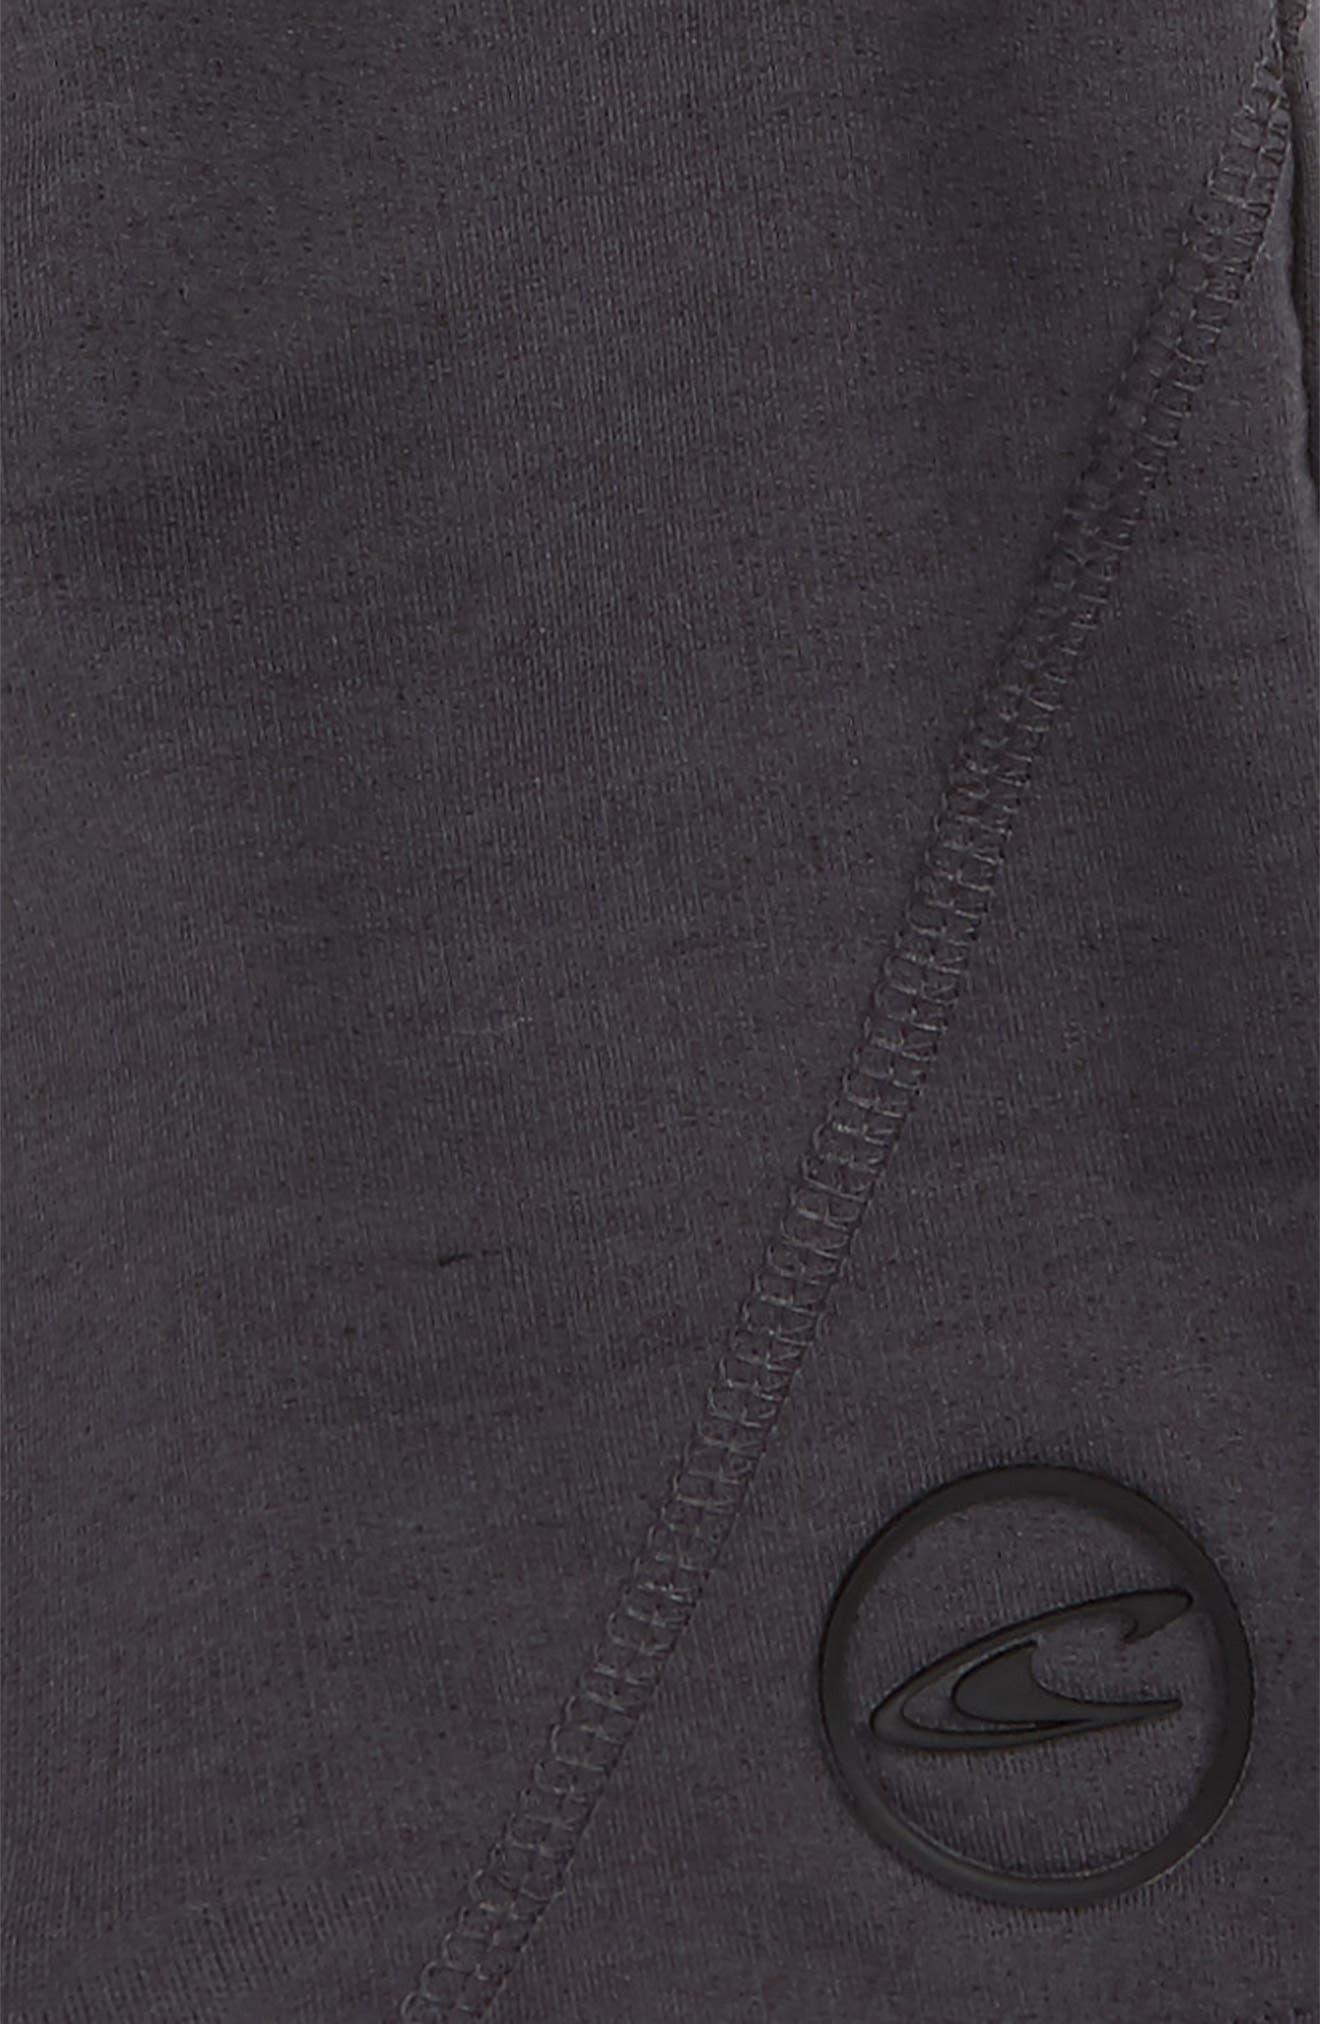 Alternate Image 2  - O'Neill Traveler Knit Shorts (Little Boys)